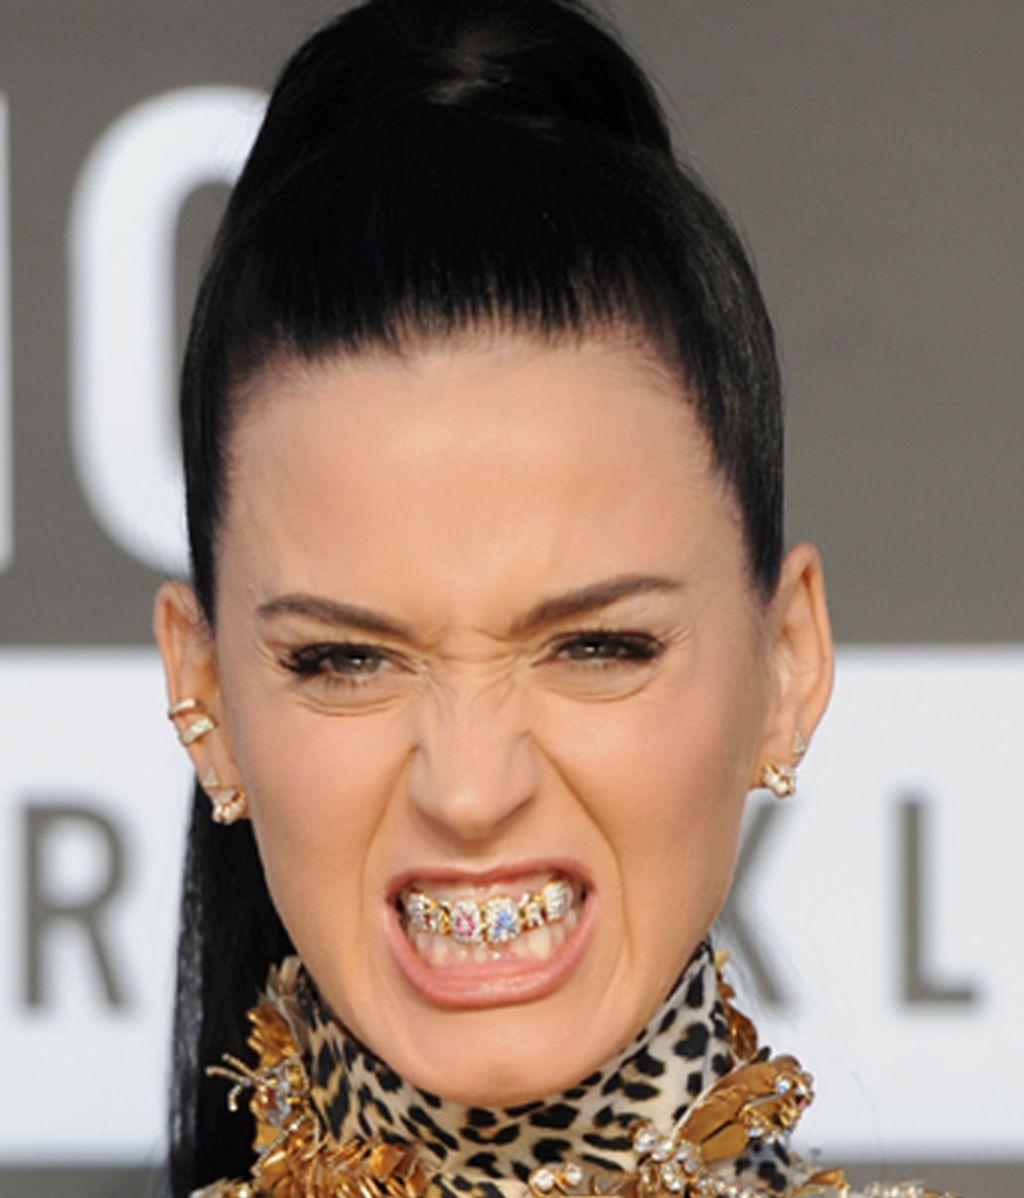 La cantante Katy Perry, luciendo dentadura durante los MTV Video Music Awards